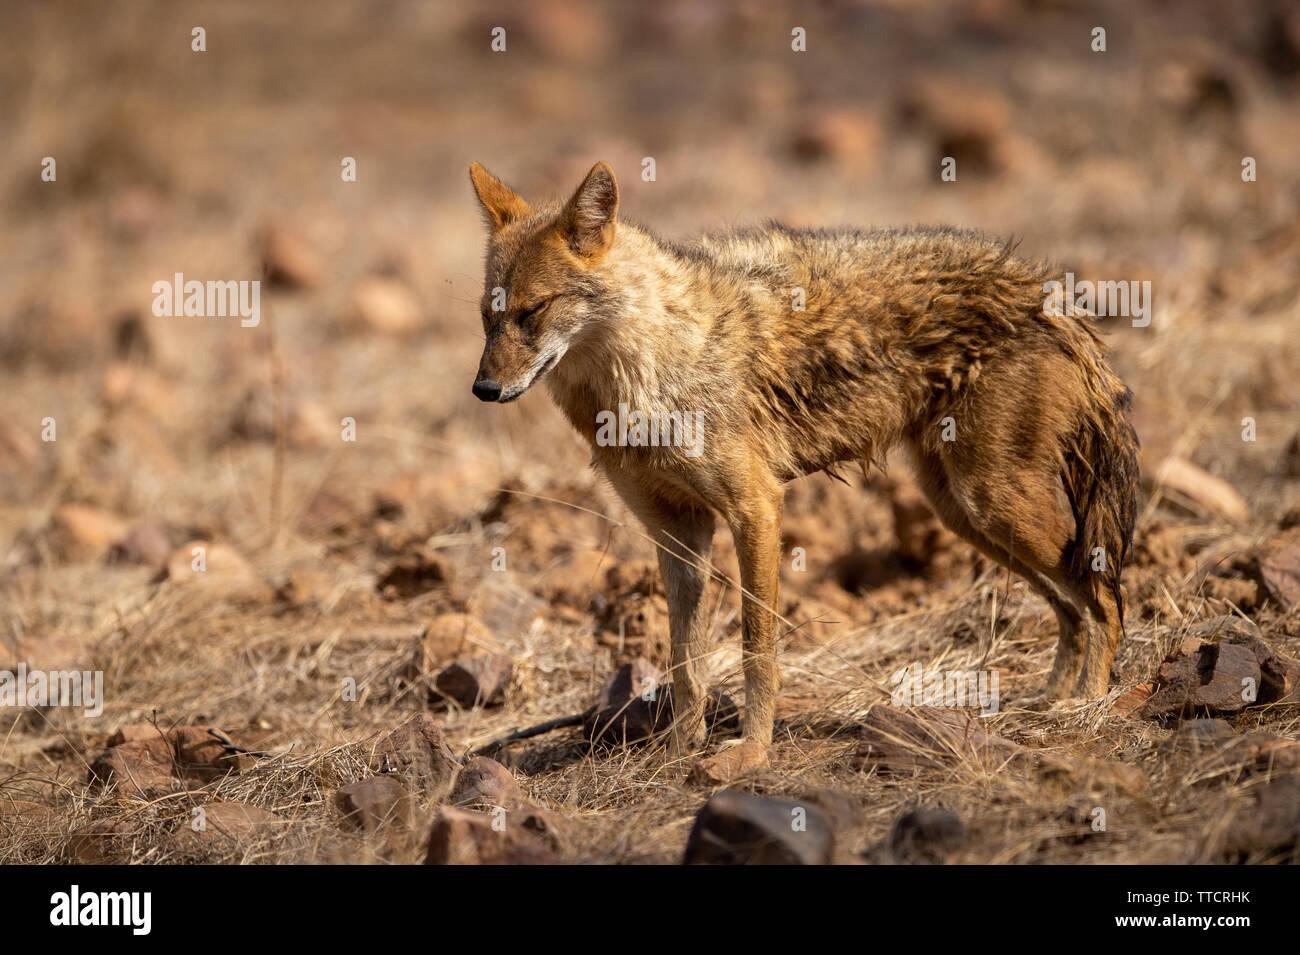 Indian Jackal ou Canis aureus indicus agressivement la marche et l'observation du comportement des proies possibles à la réserve de tigres de Ranthambore, Rajasthan, Inde Banque D'Images